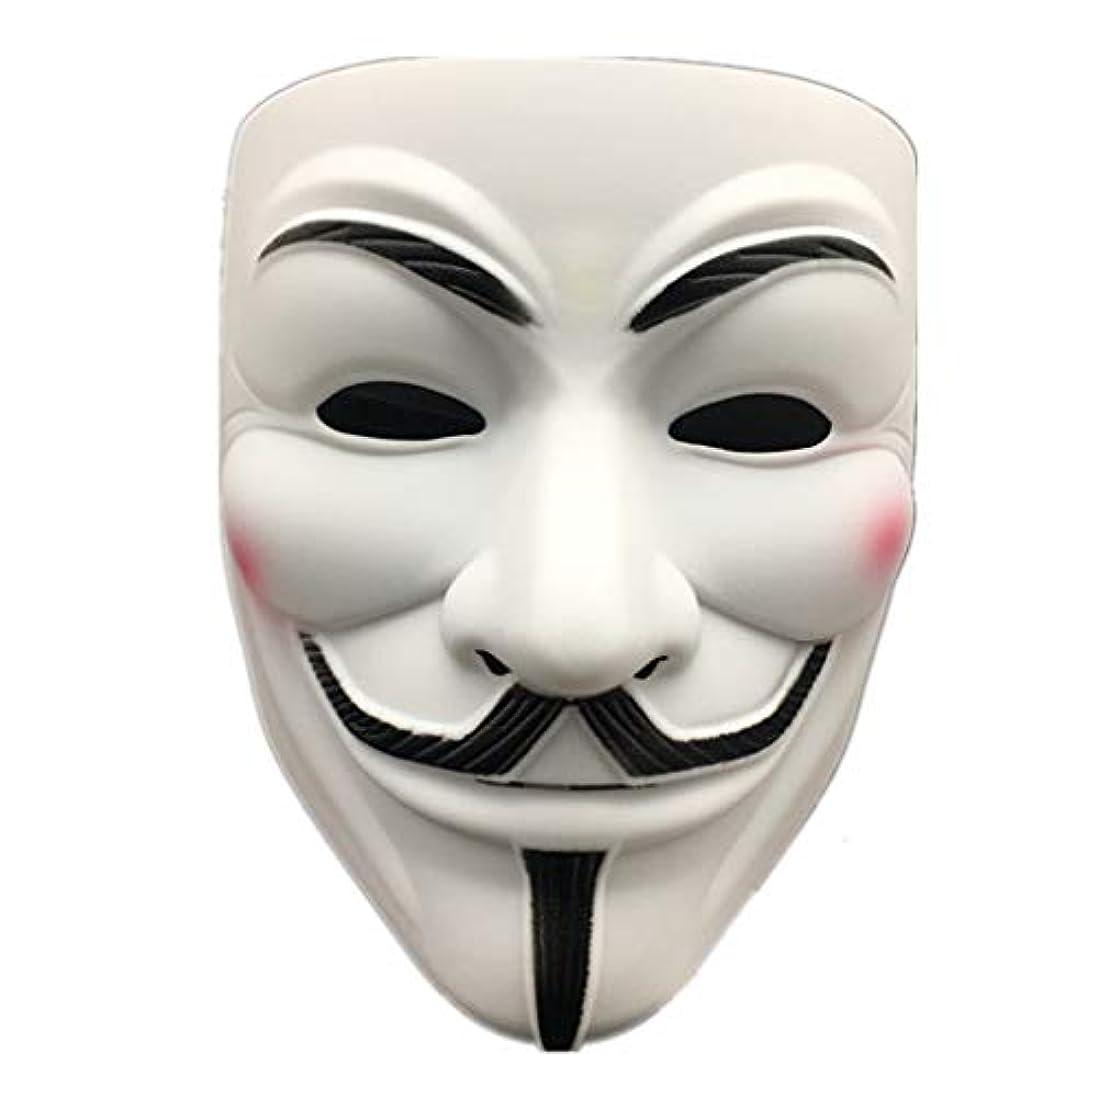 水メンバー権限を与えるハロウィンマスクフルフェイスストリートダンス振動マスク仮装変なマスクダンスマスク